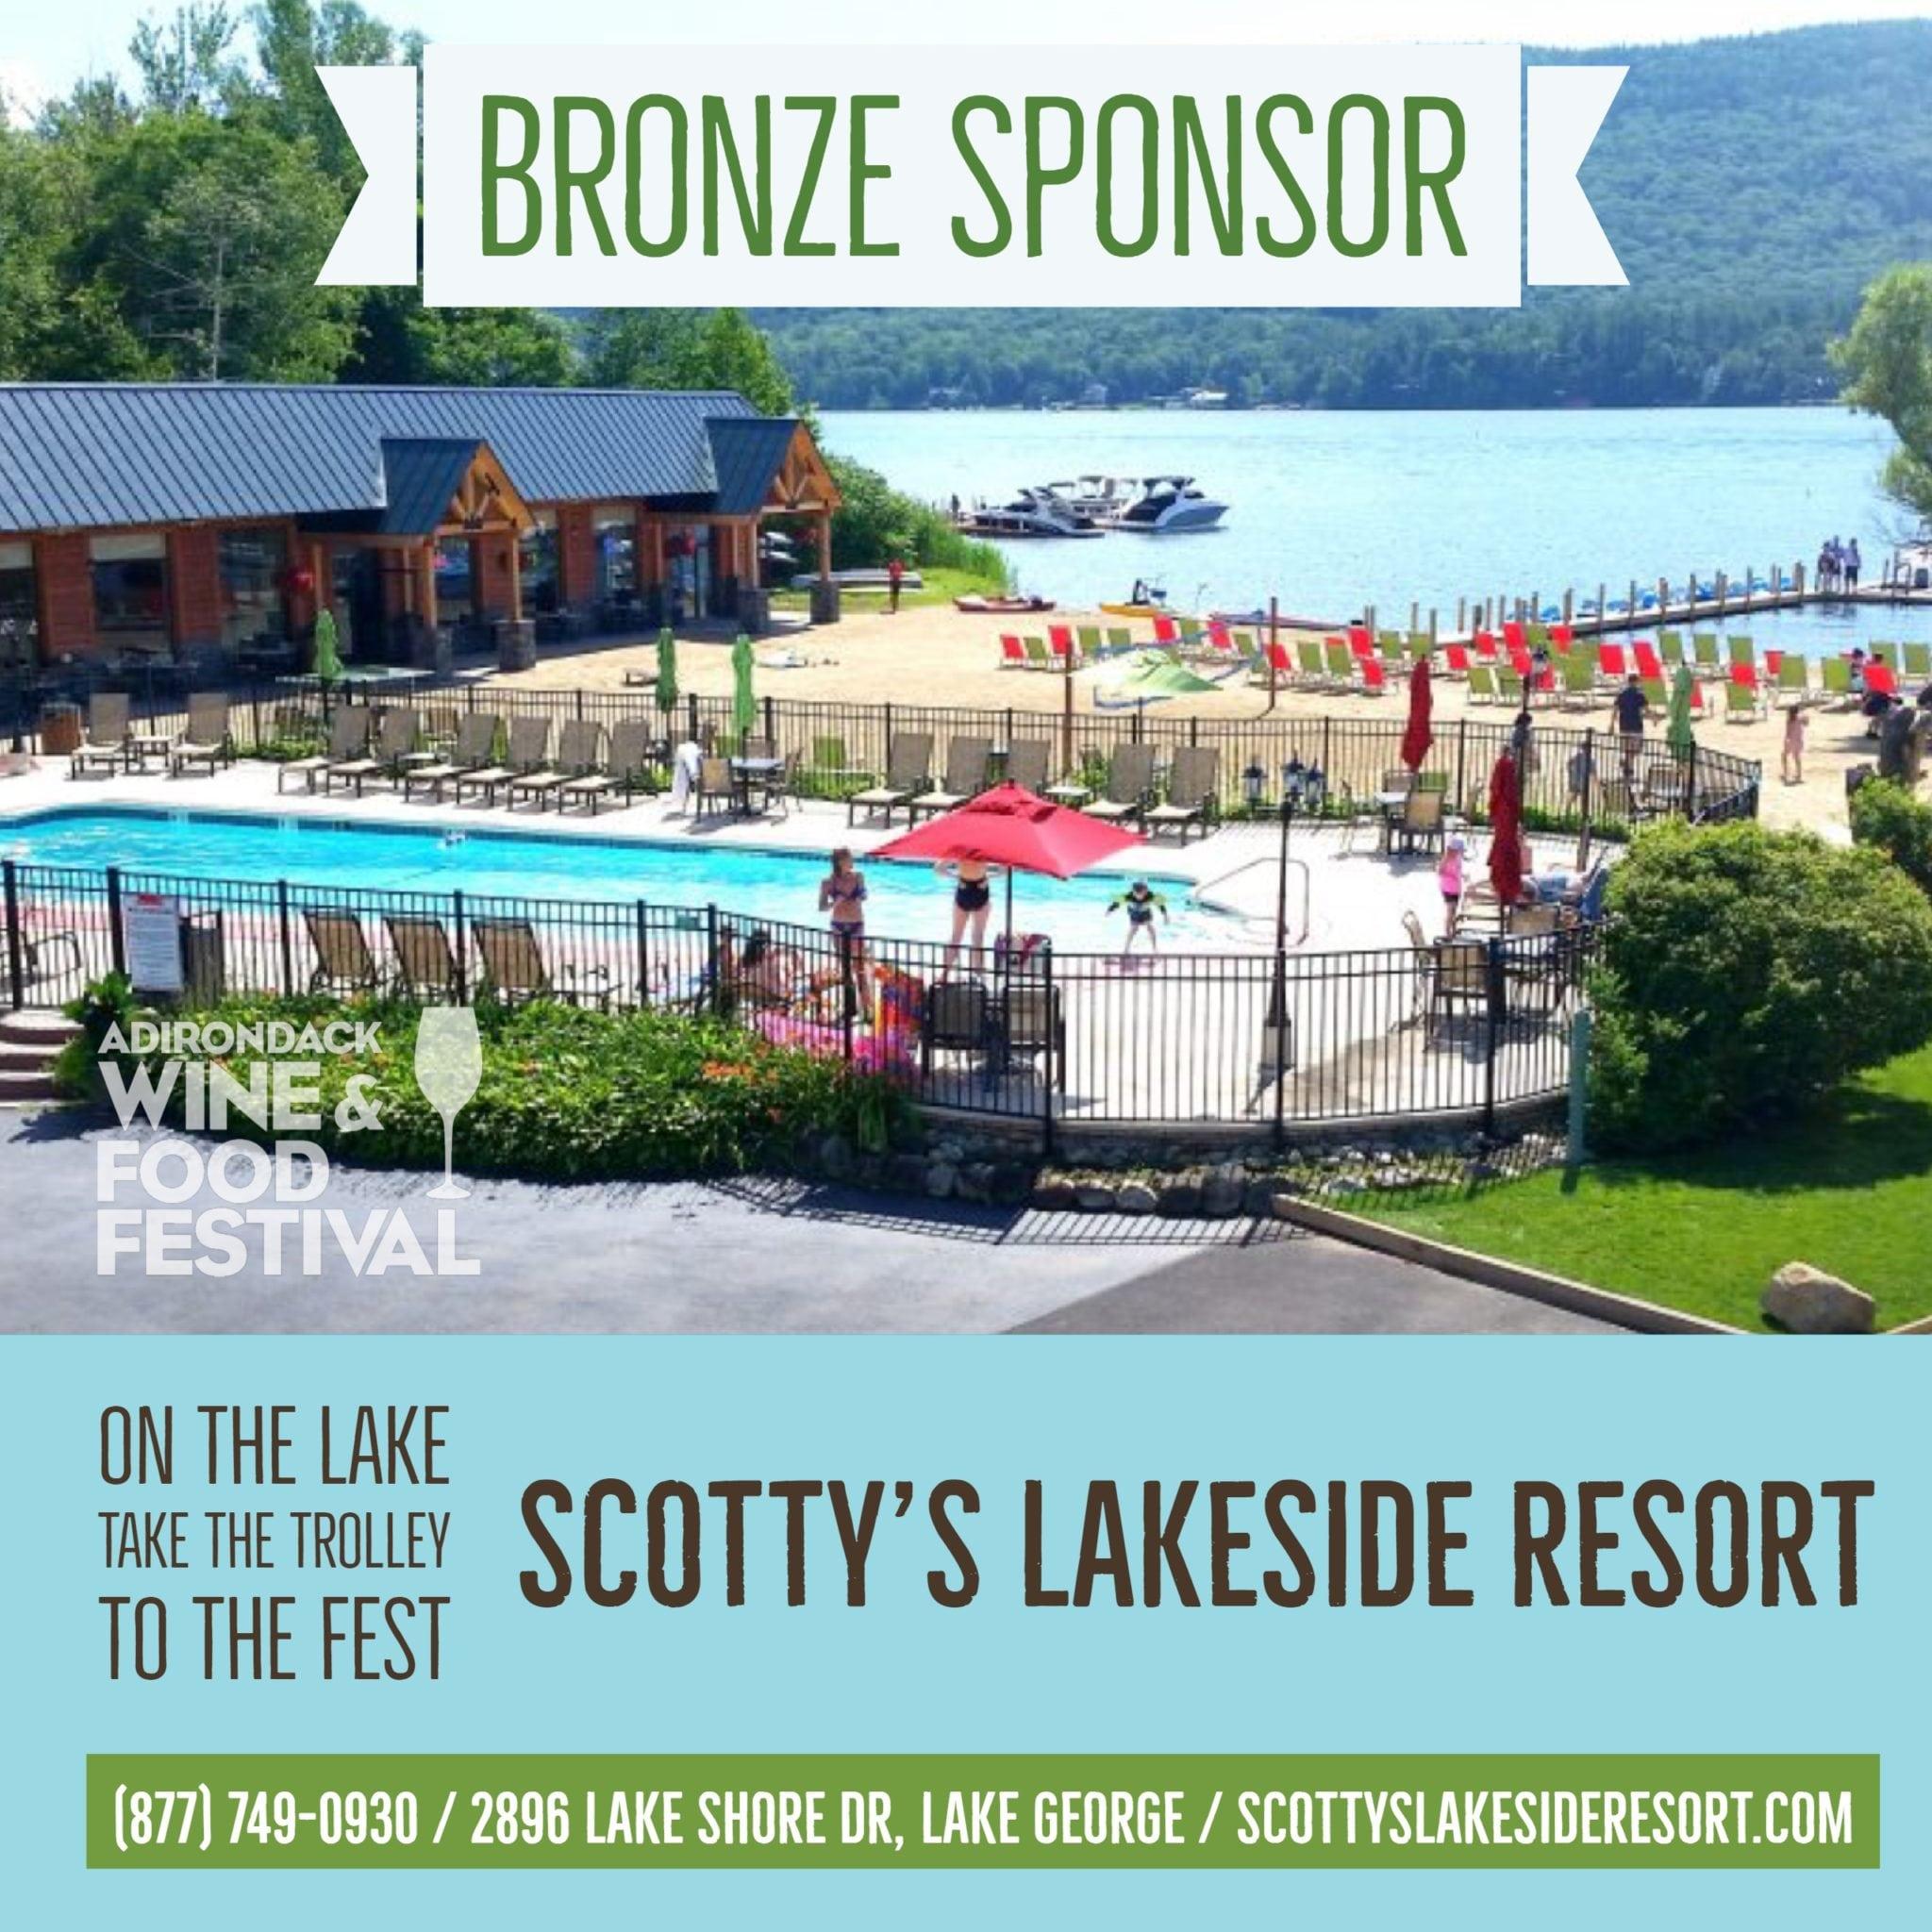 Scottys Lakeside Resort